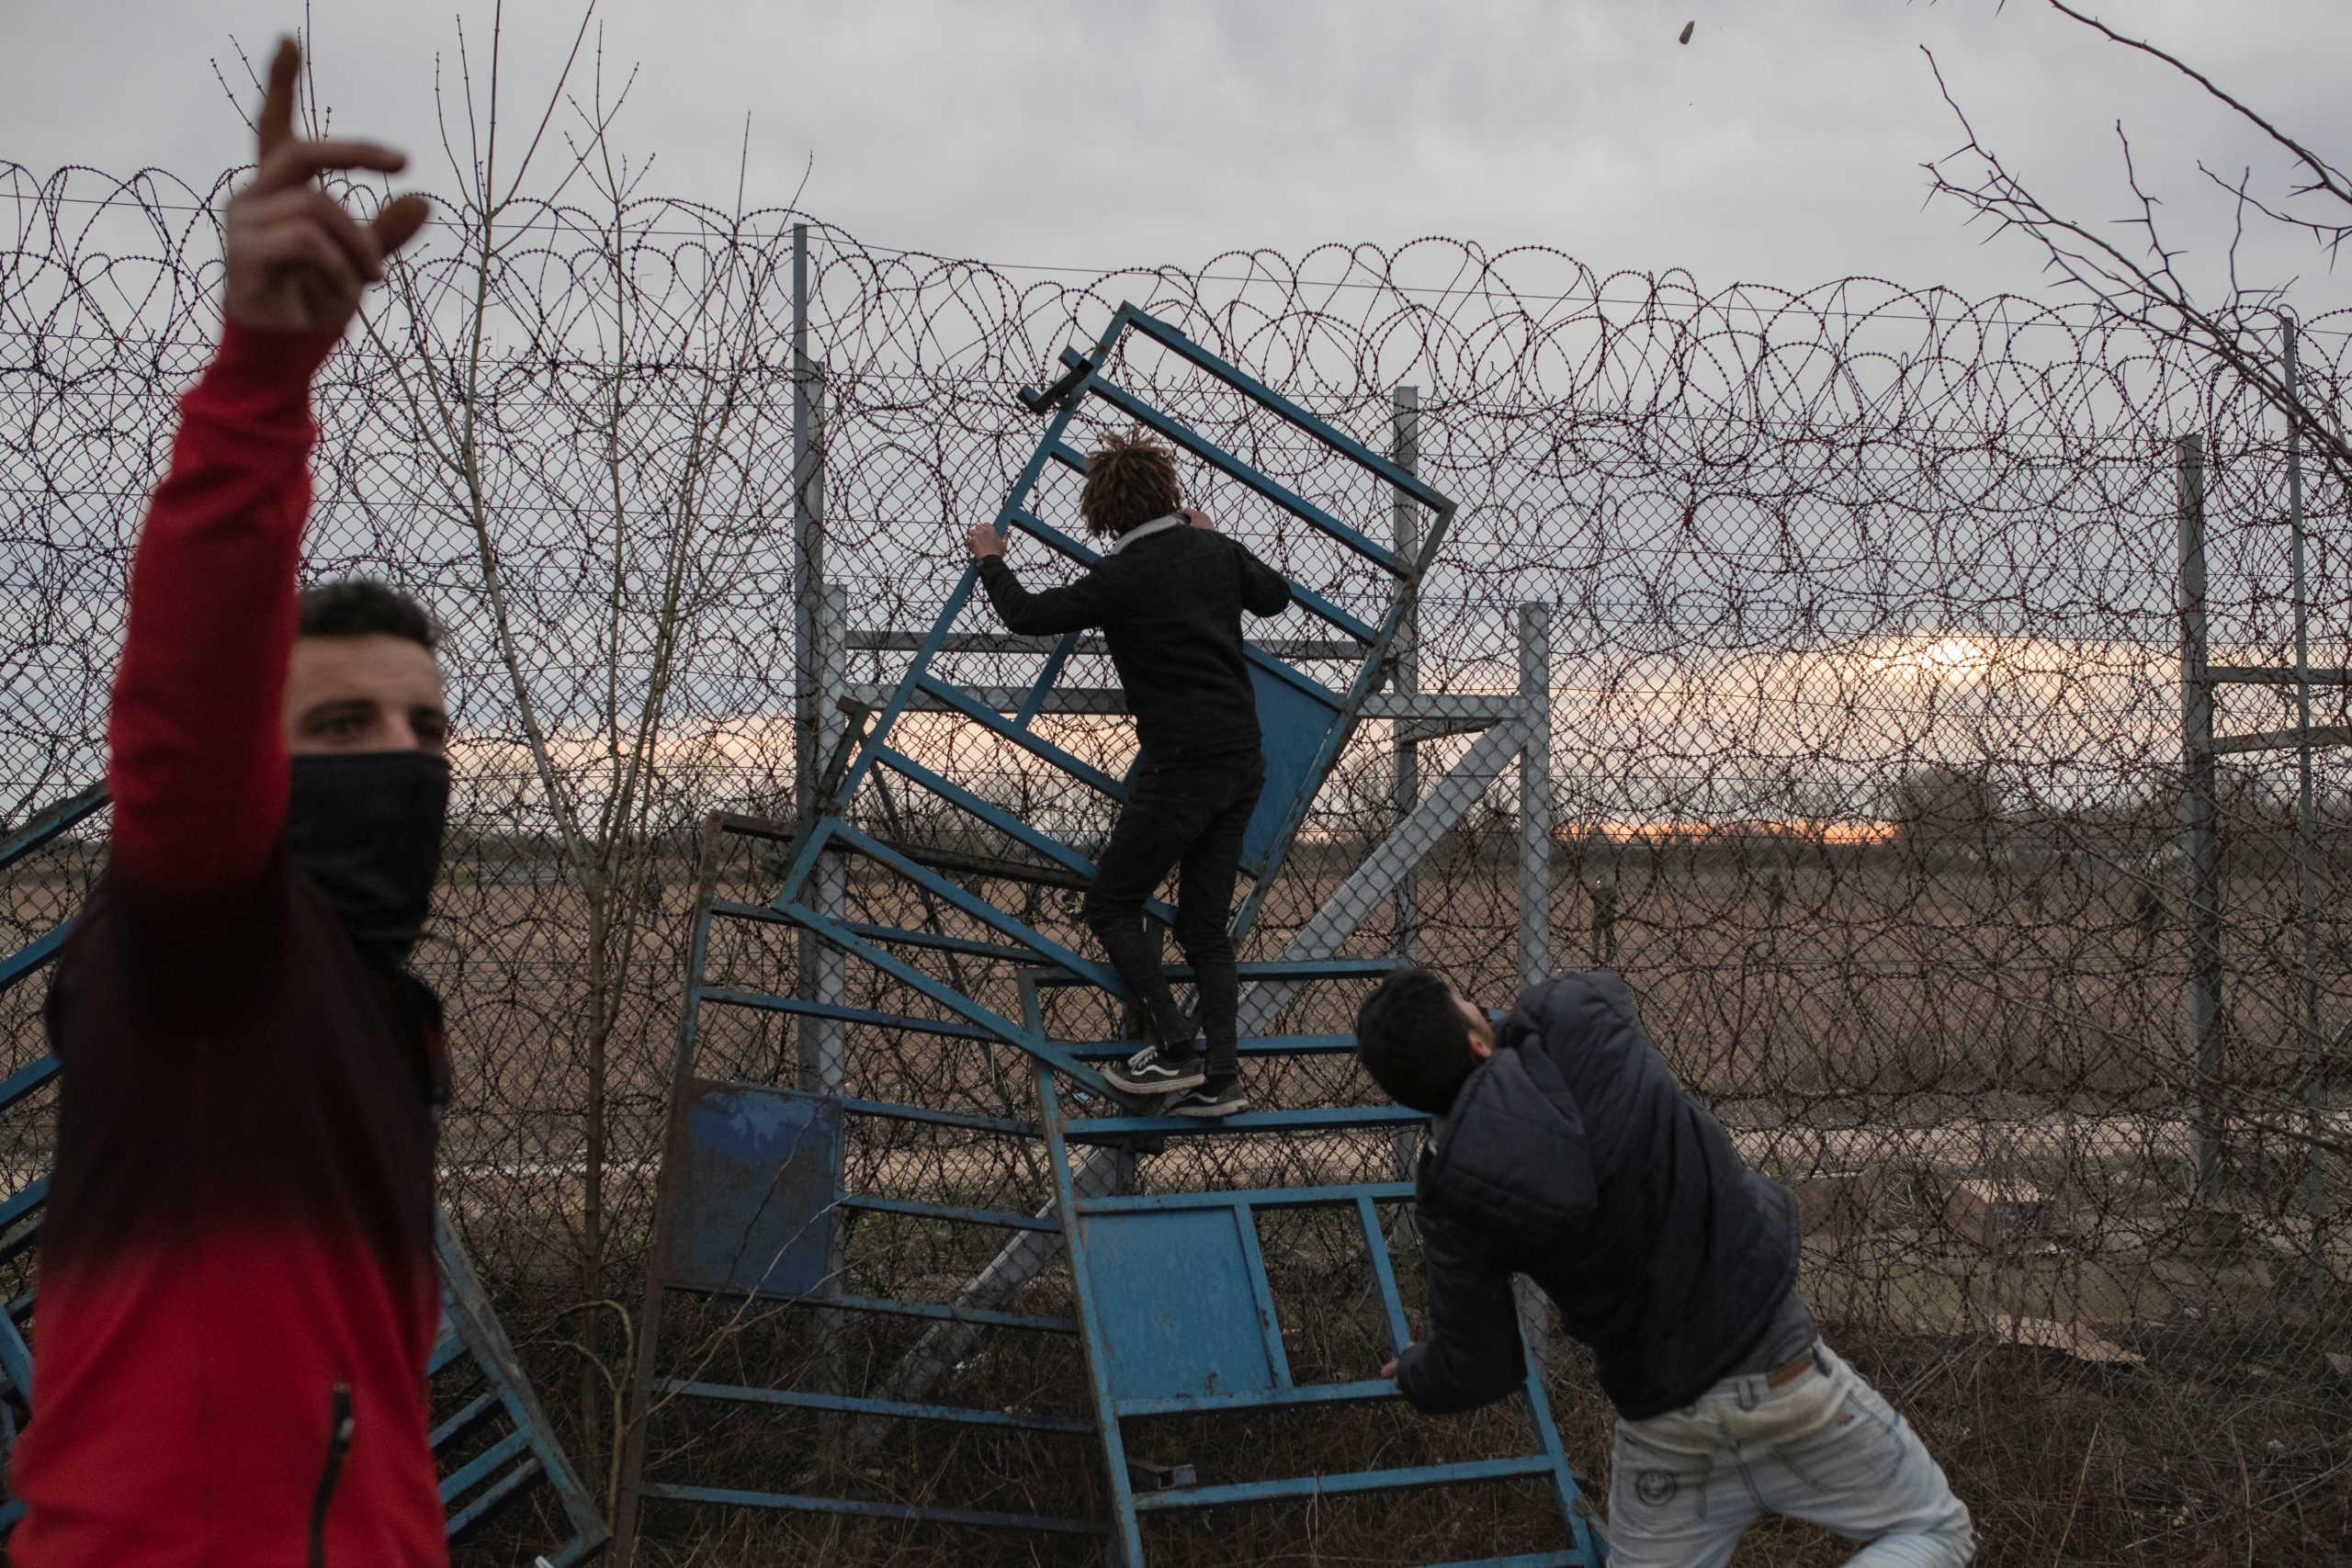 Έβρος: 268 συλλήψεις, 38.480 απόπειρες παράνομης εισόδου στην Ελλάδα